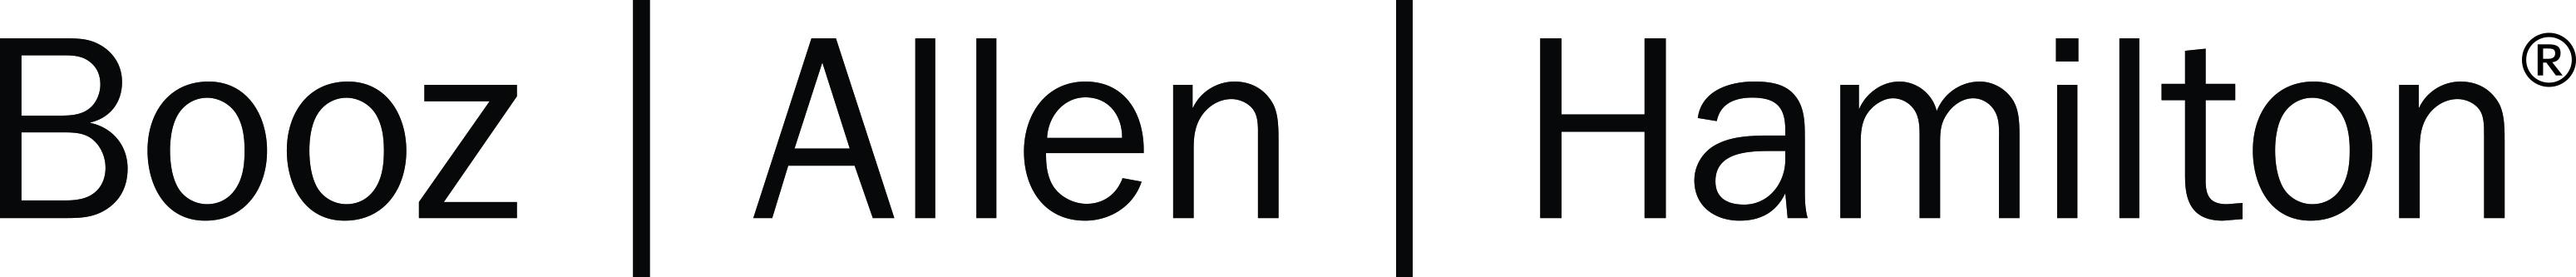 Booz Allen Hamilton's logo